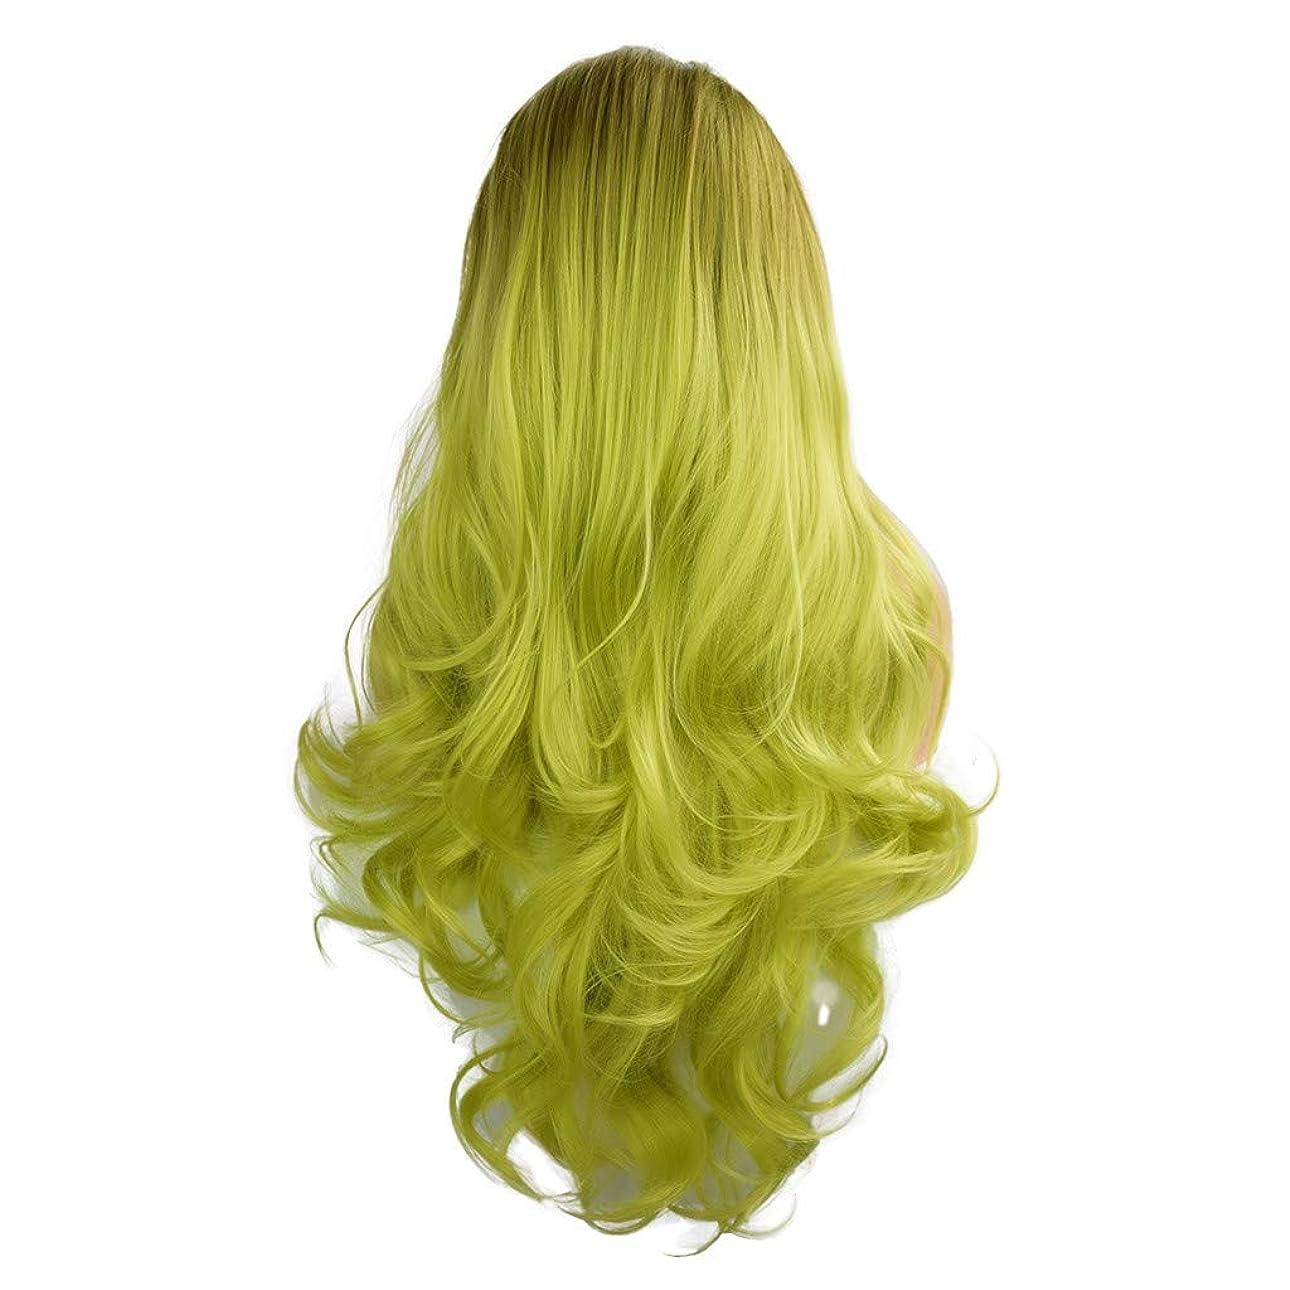 以内にサワーゴールかつらグラデーション長い巻き毛のフロントレースファッションかつら26インチ